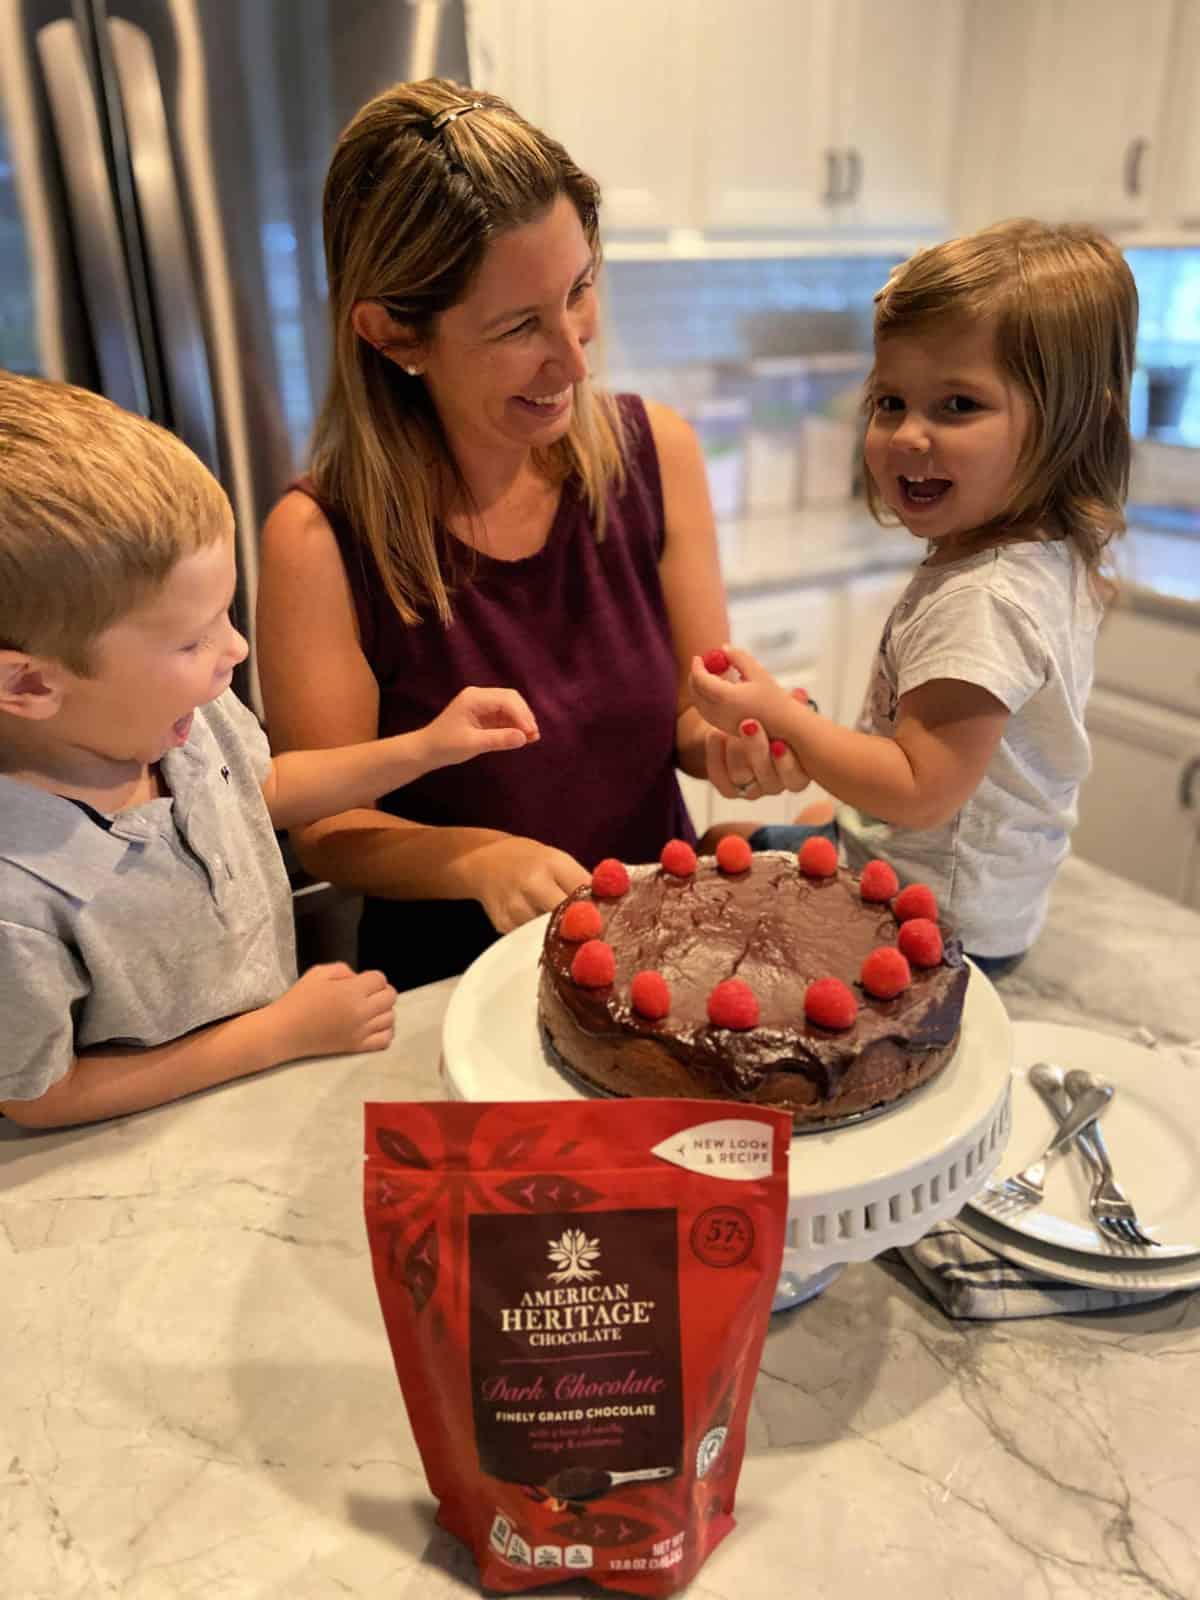 Dark Chocolate Cheesecake Decorating with Kids